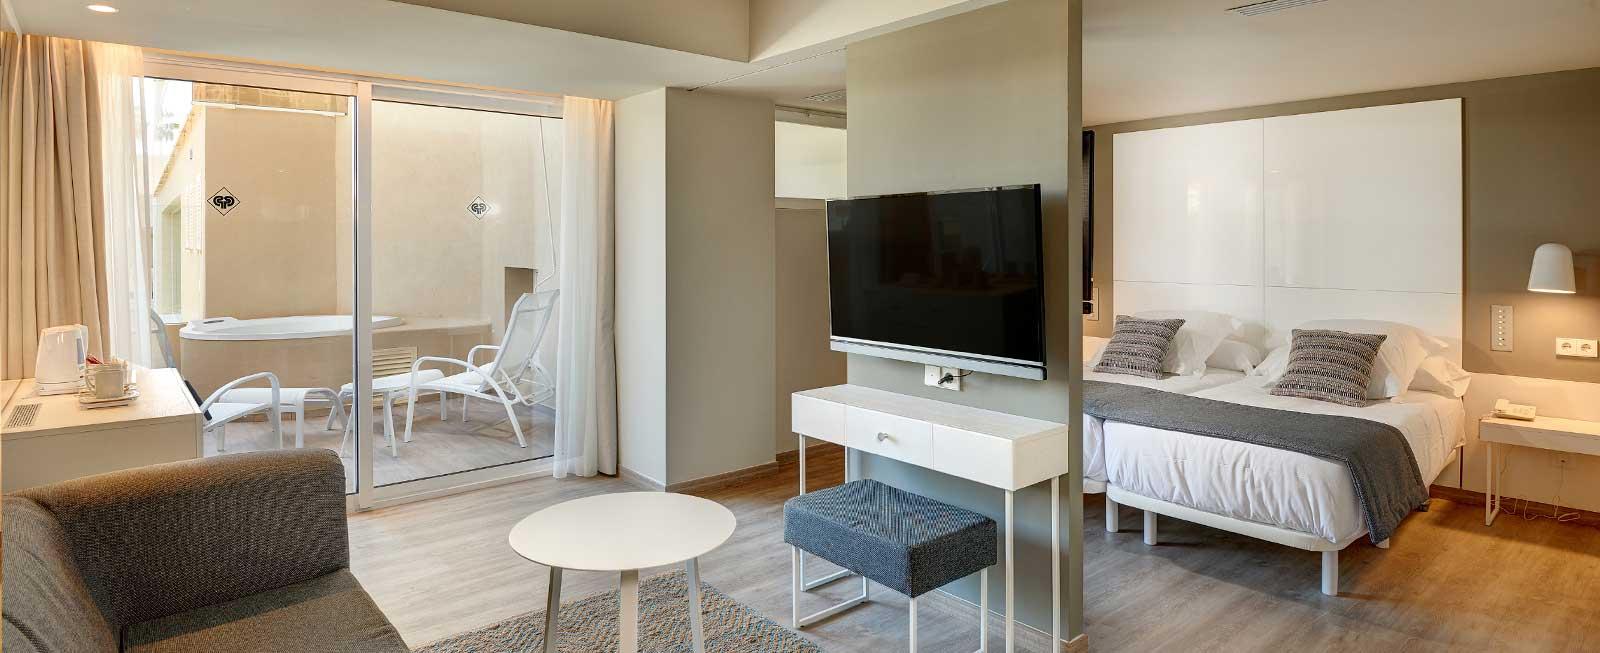 junior-suite-superior-protur-bonamar-hotel-cala-millor